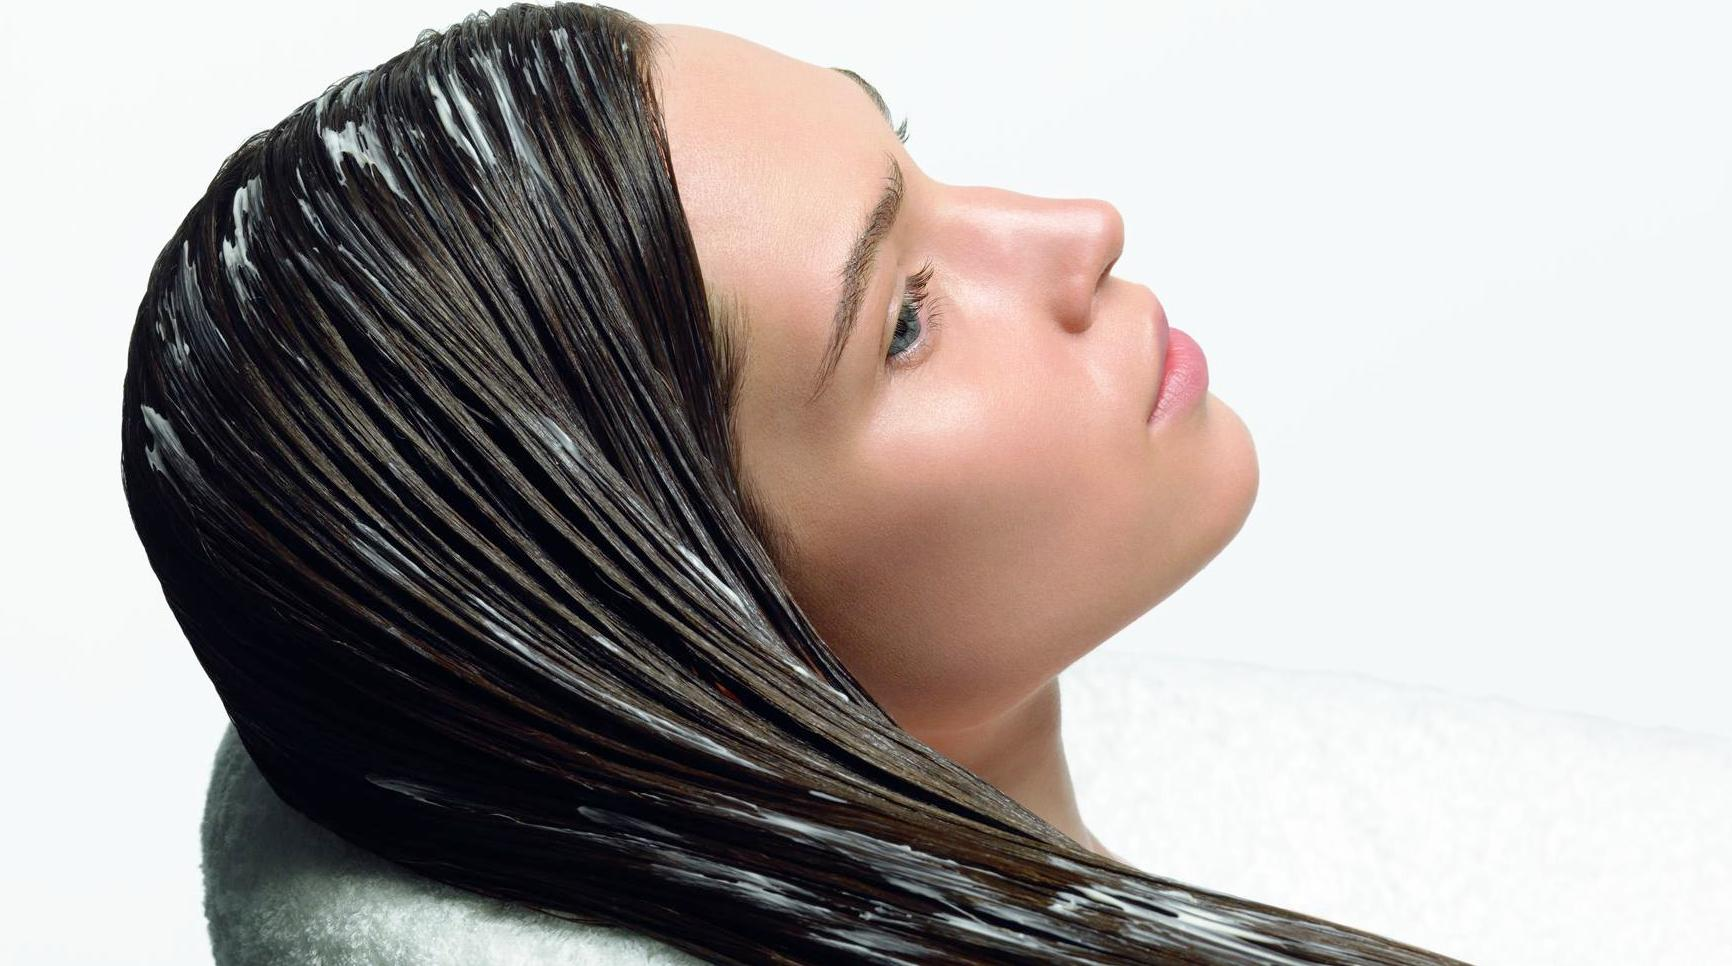 Маска для волос от которой темнеют волосы